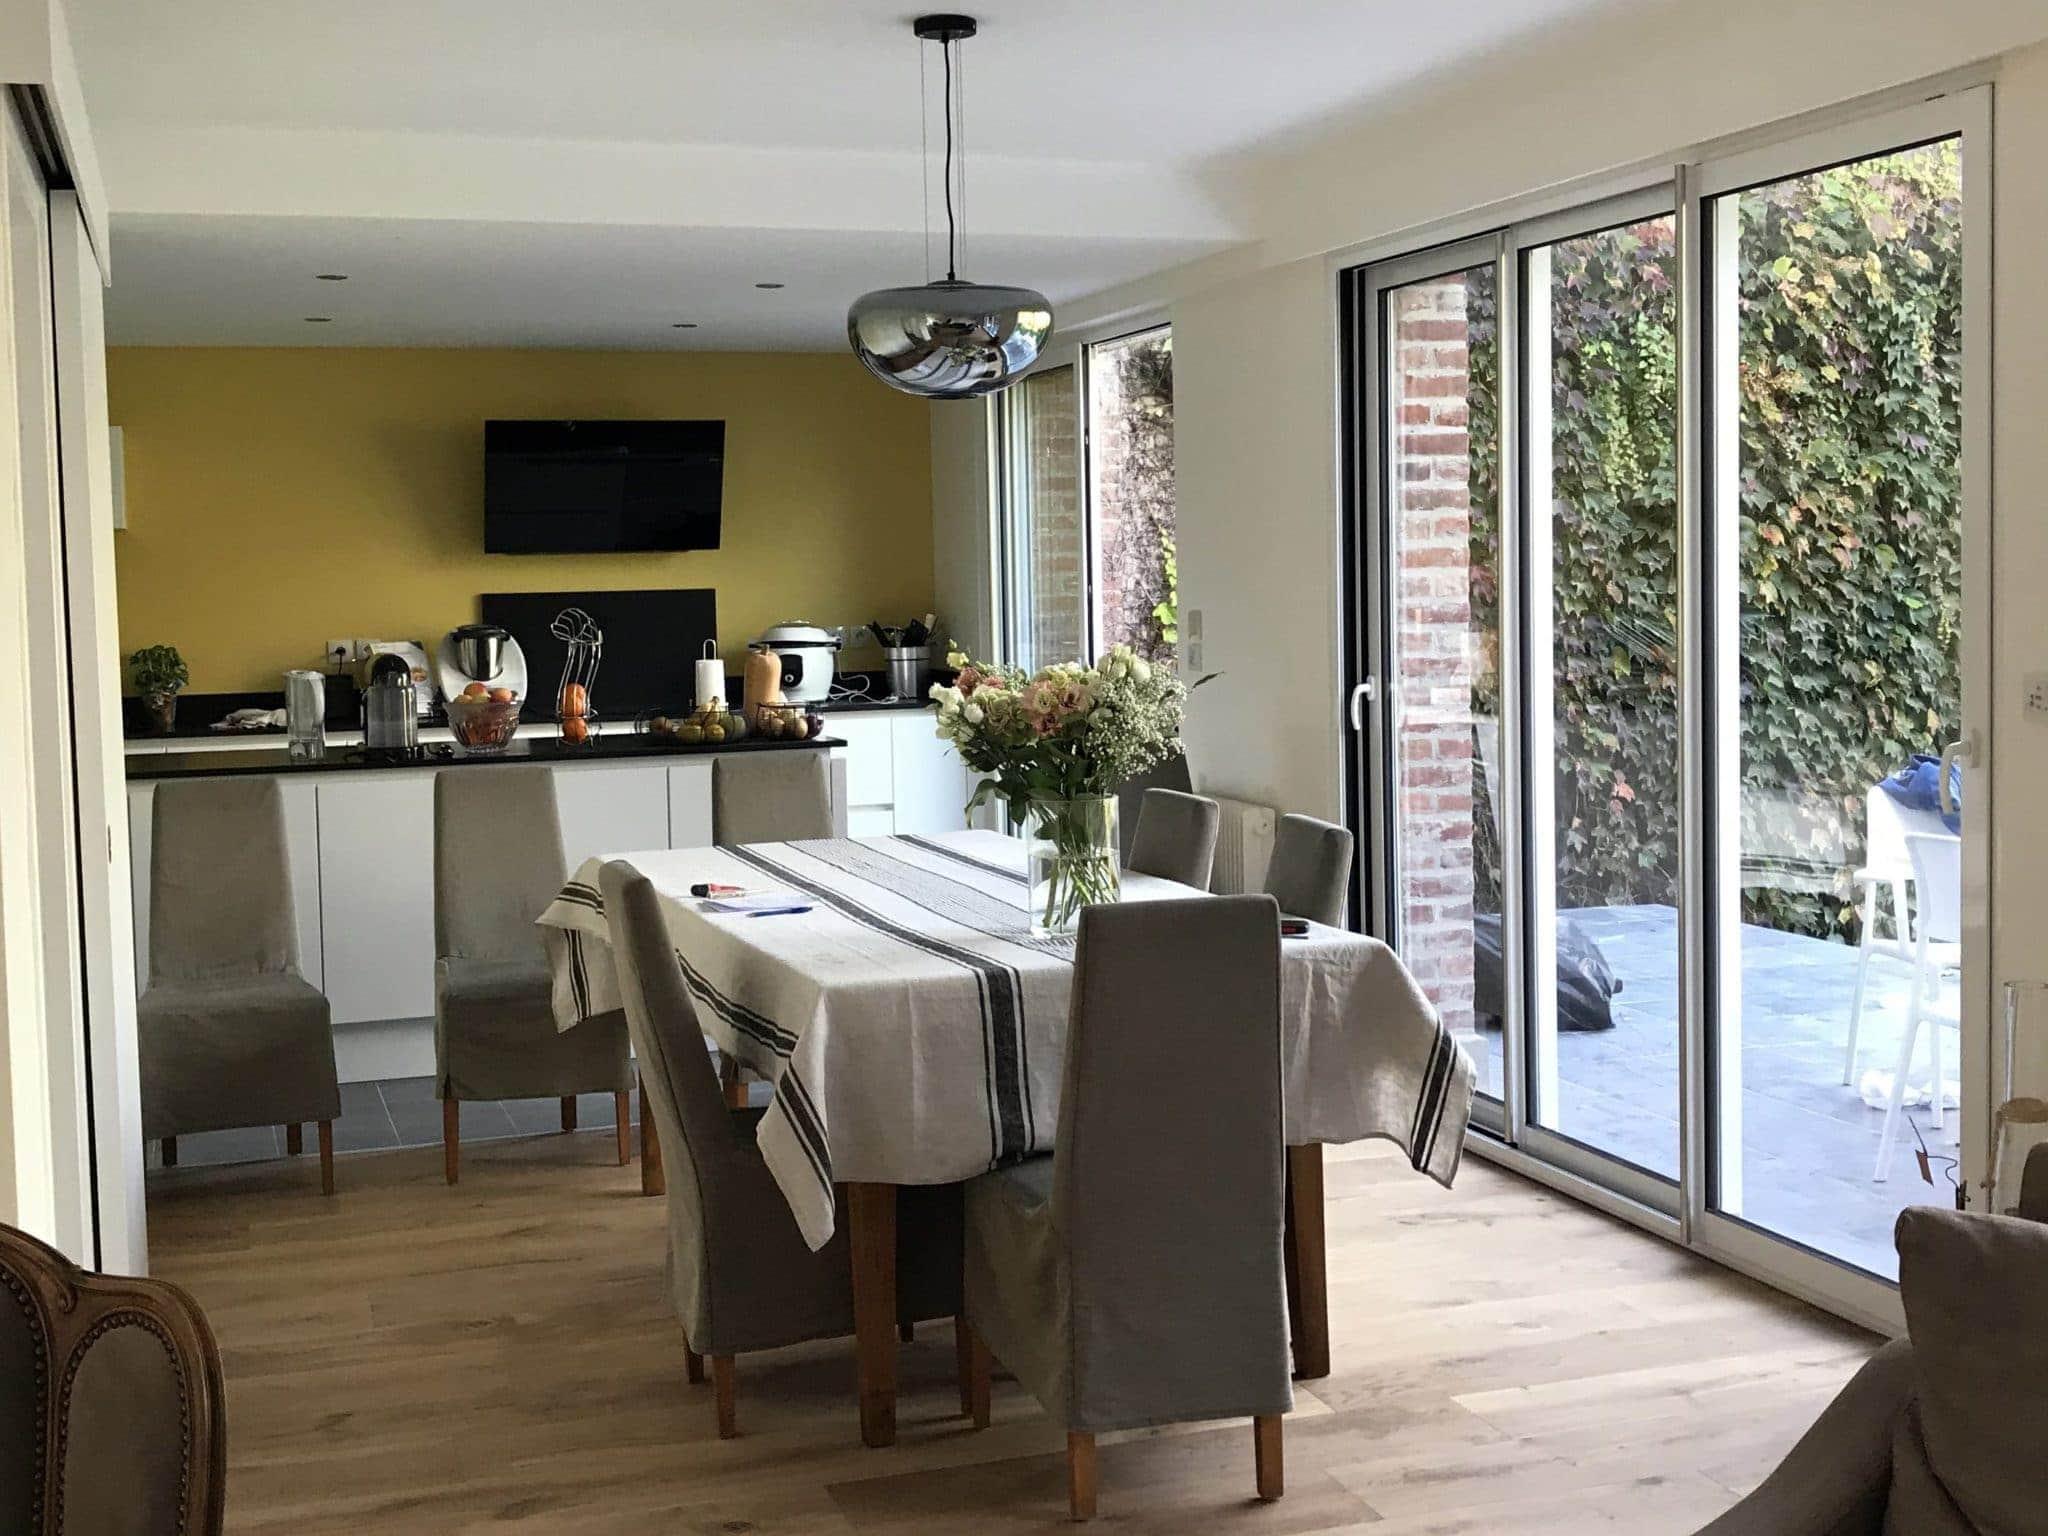 salle à manger cuisine et terrasse attenante